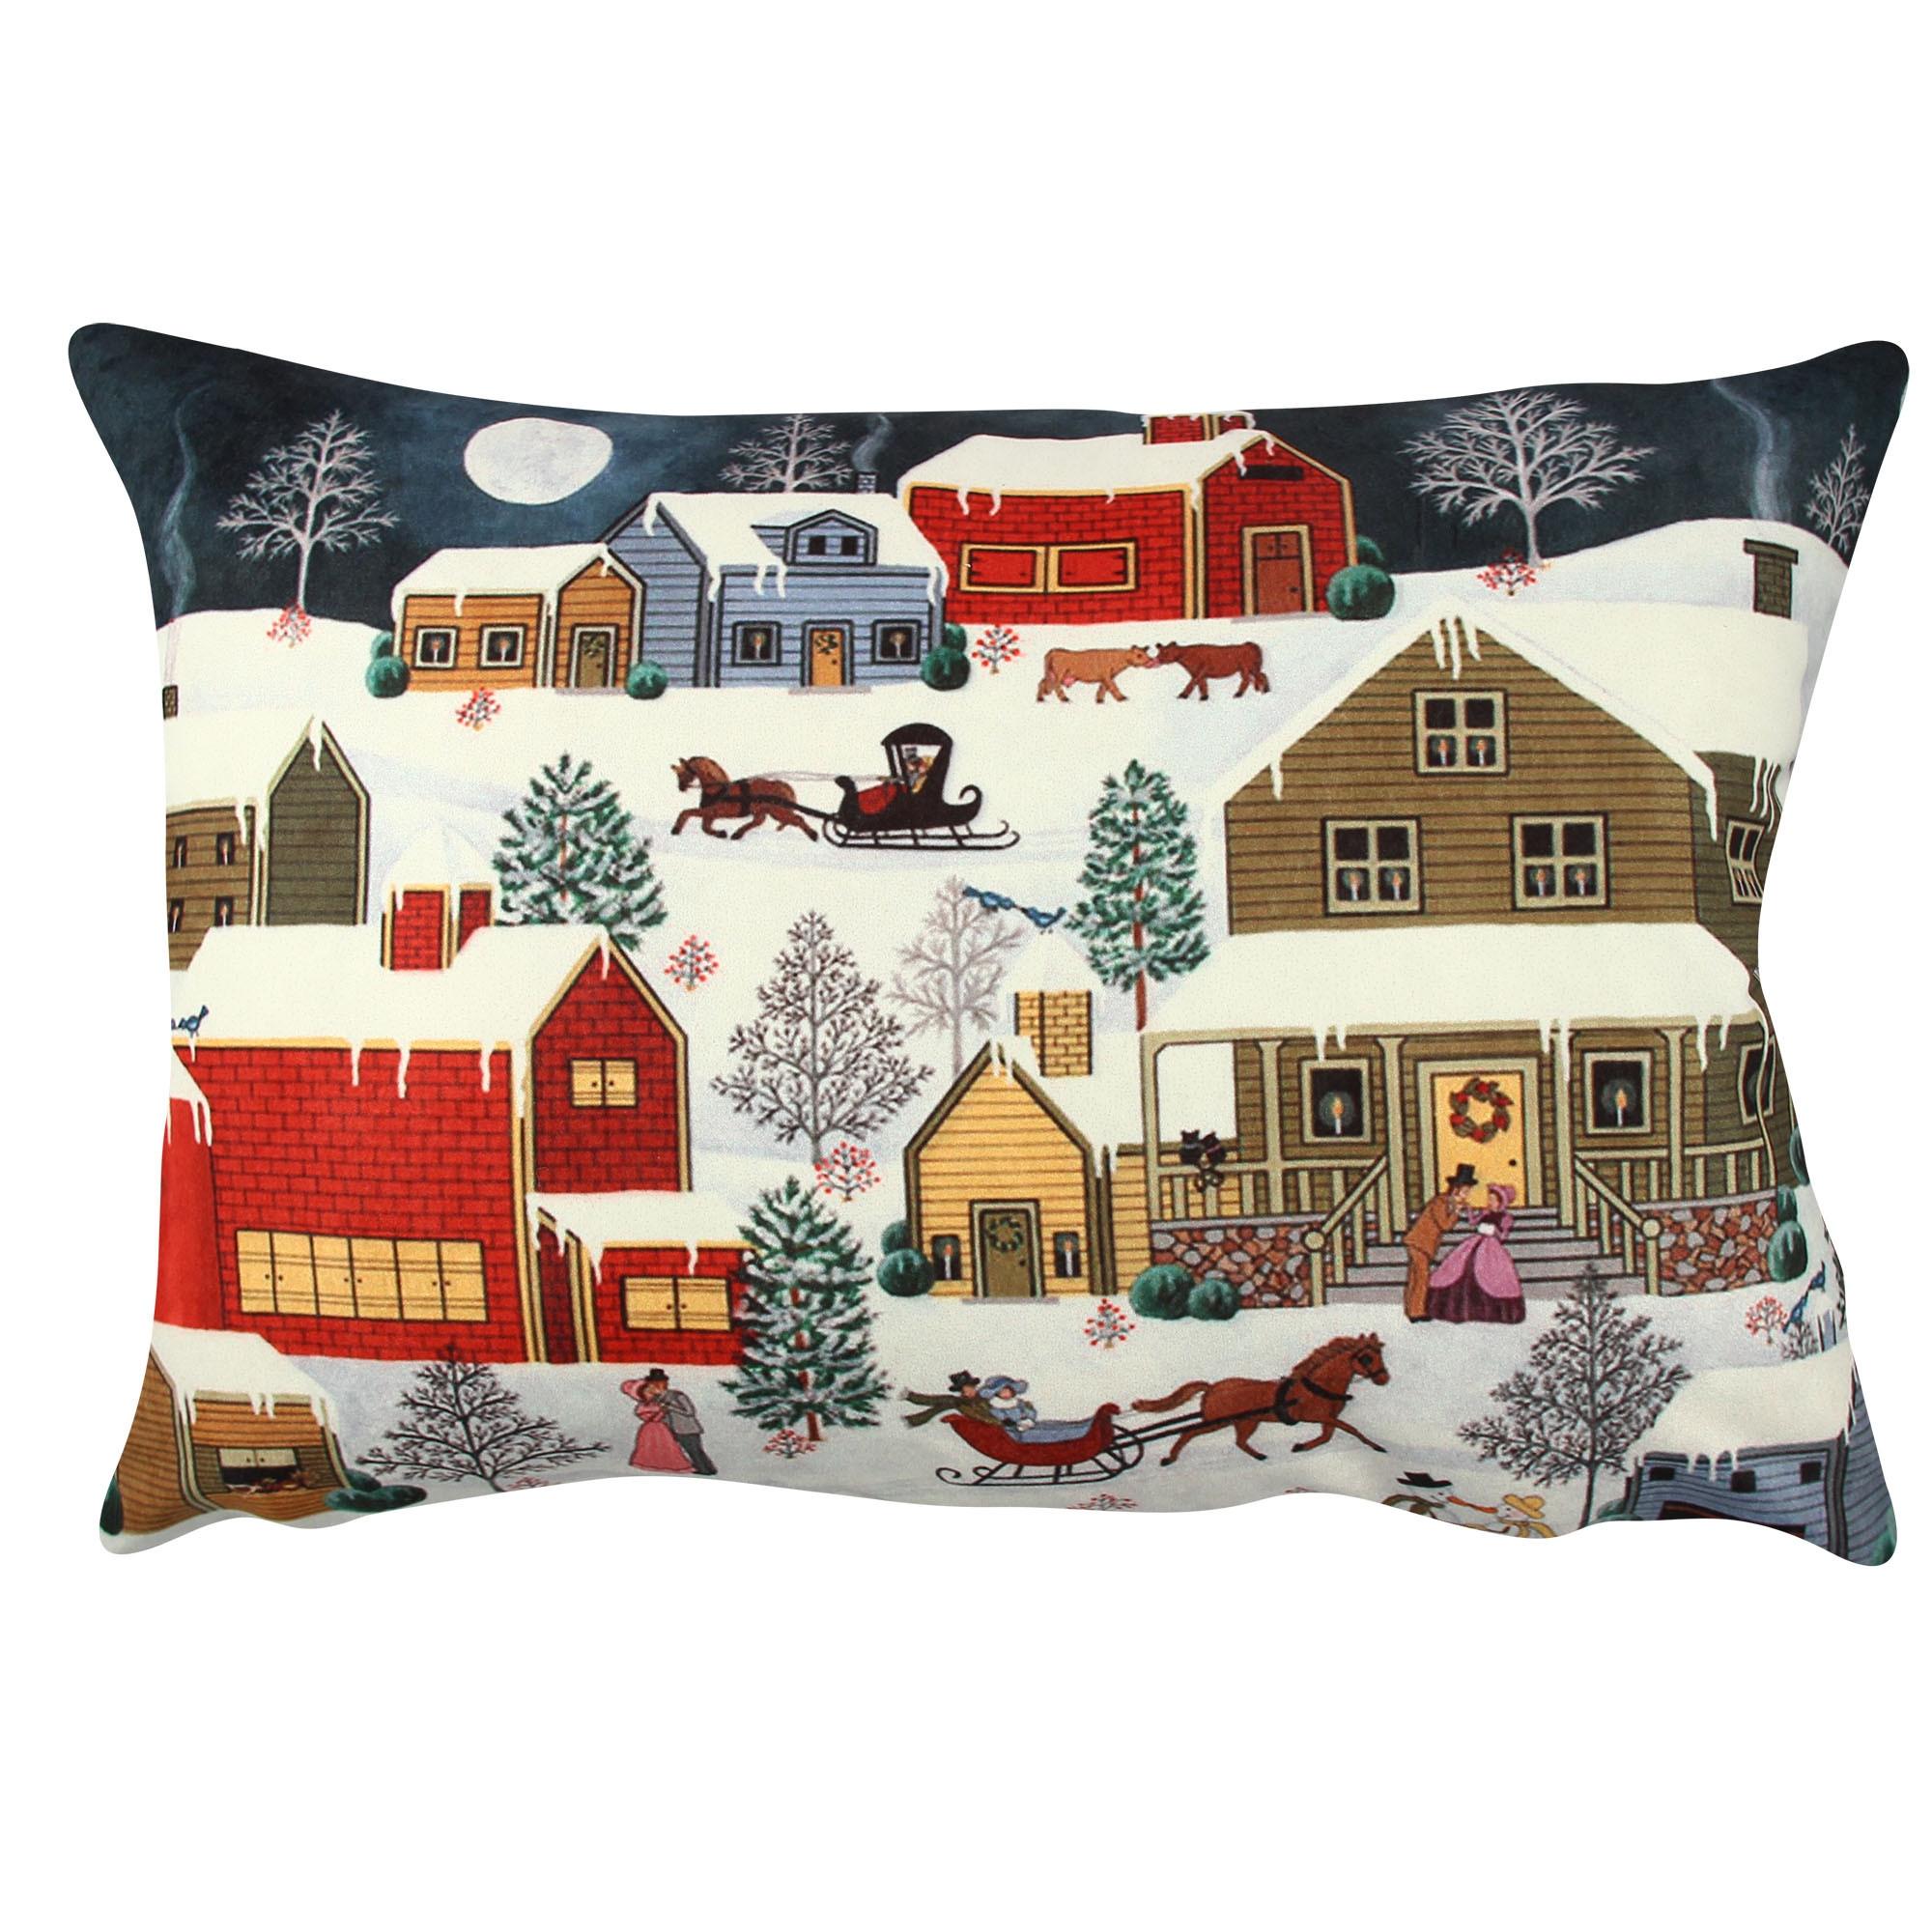 Perna decorativa Winter Village Multicolor, L48xl33 cm